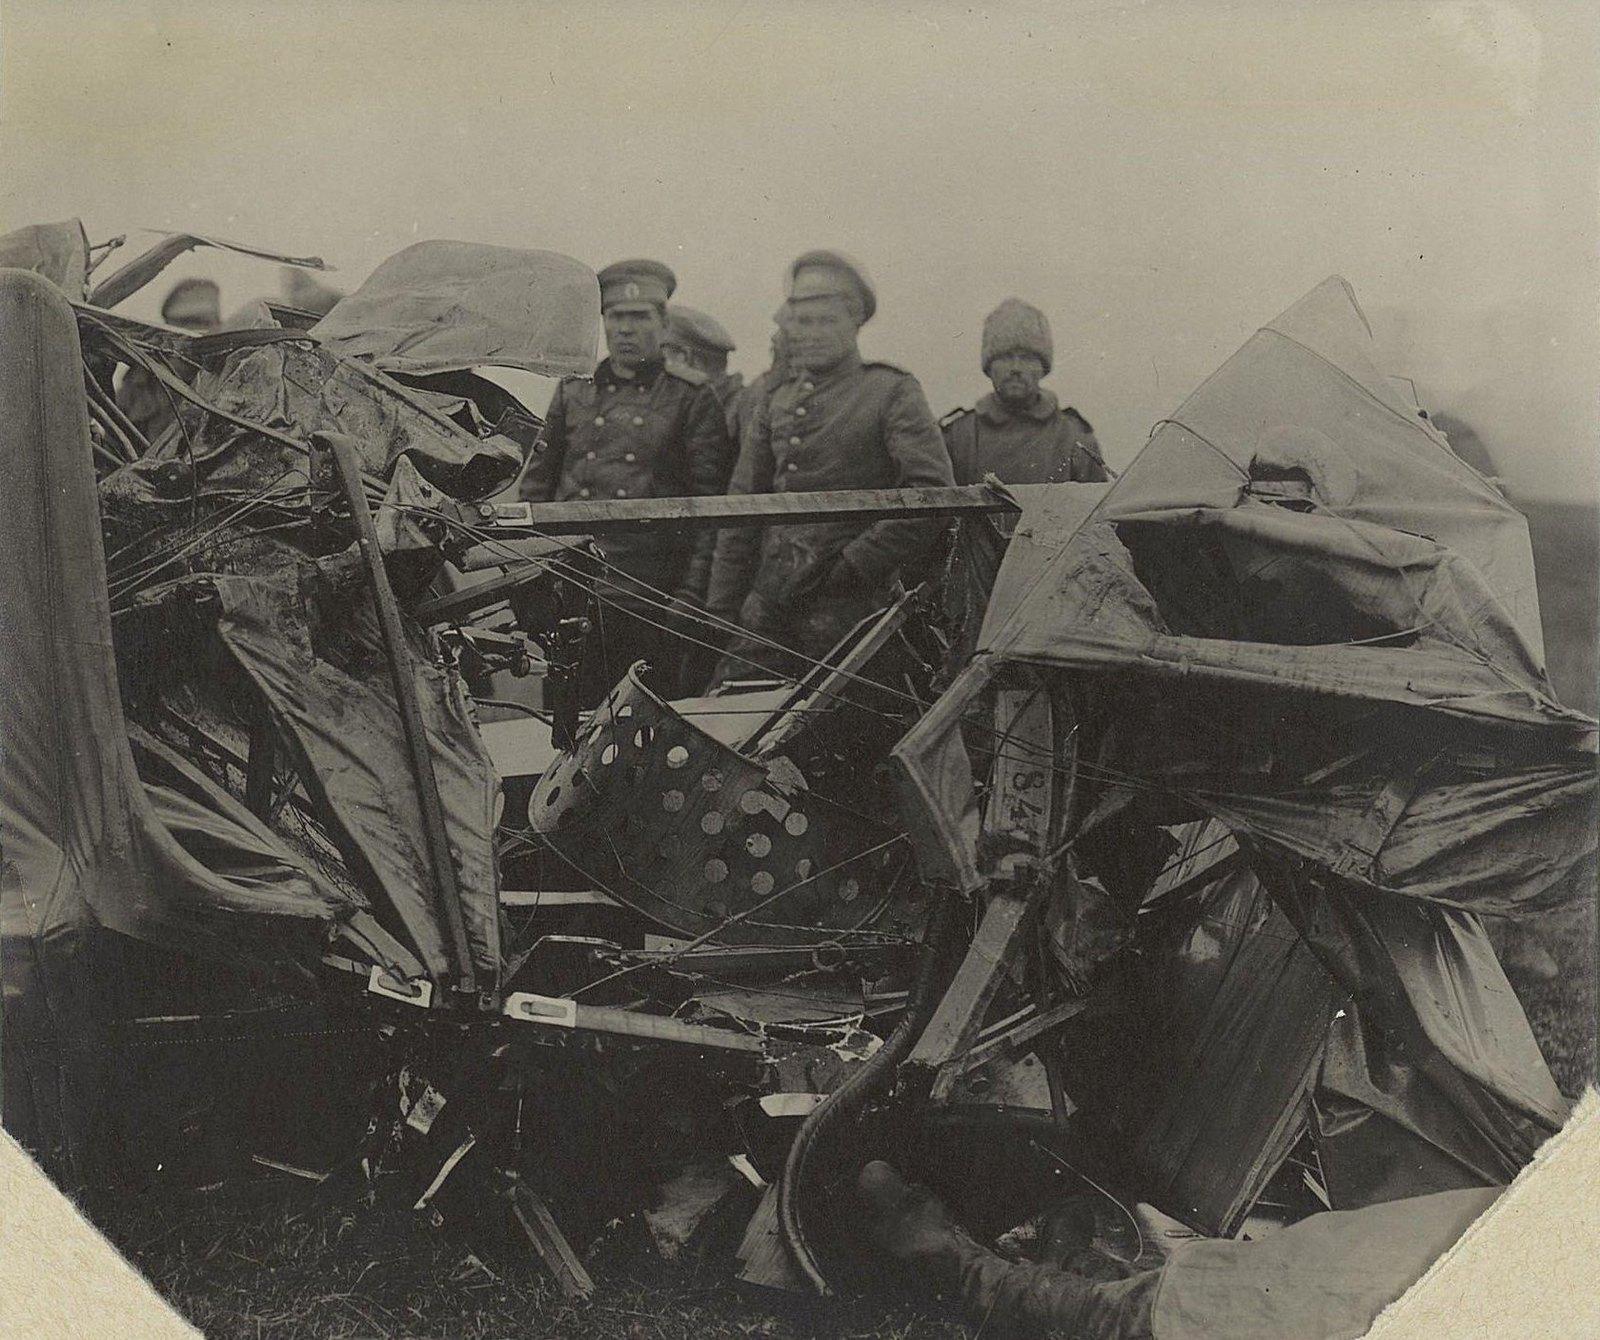 18. 1916. Лётчик Исполатов и моторист Вавилов, разбившиеся близ Вишневуса. 17 сентября